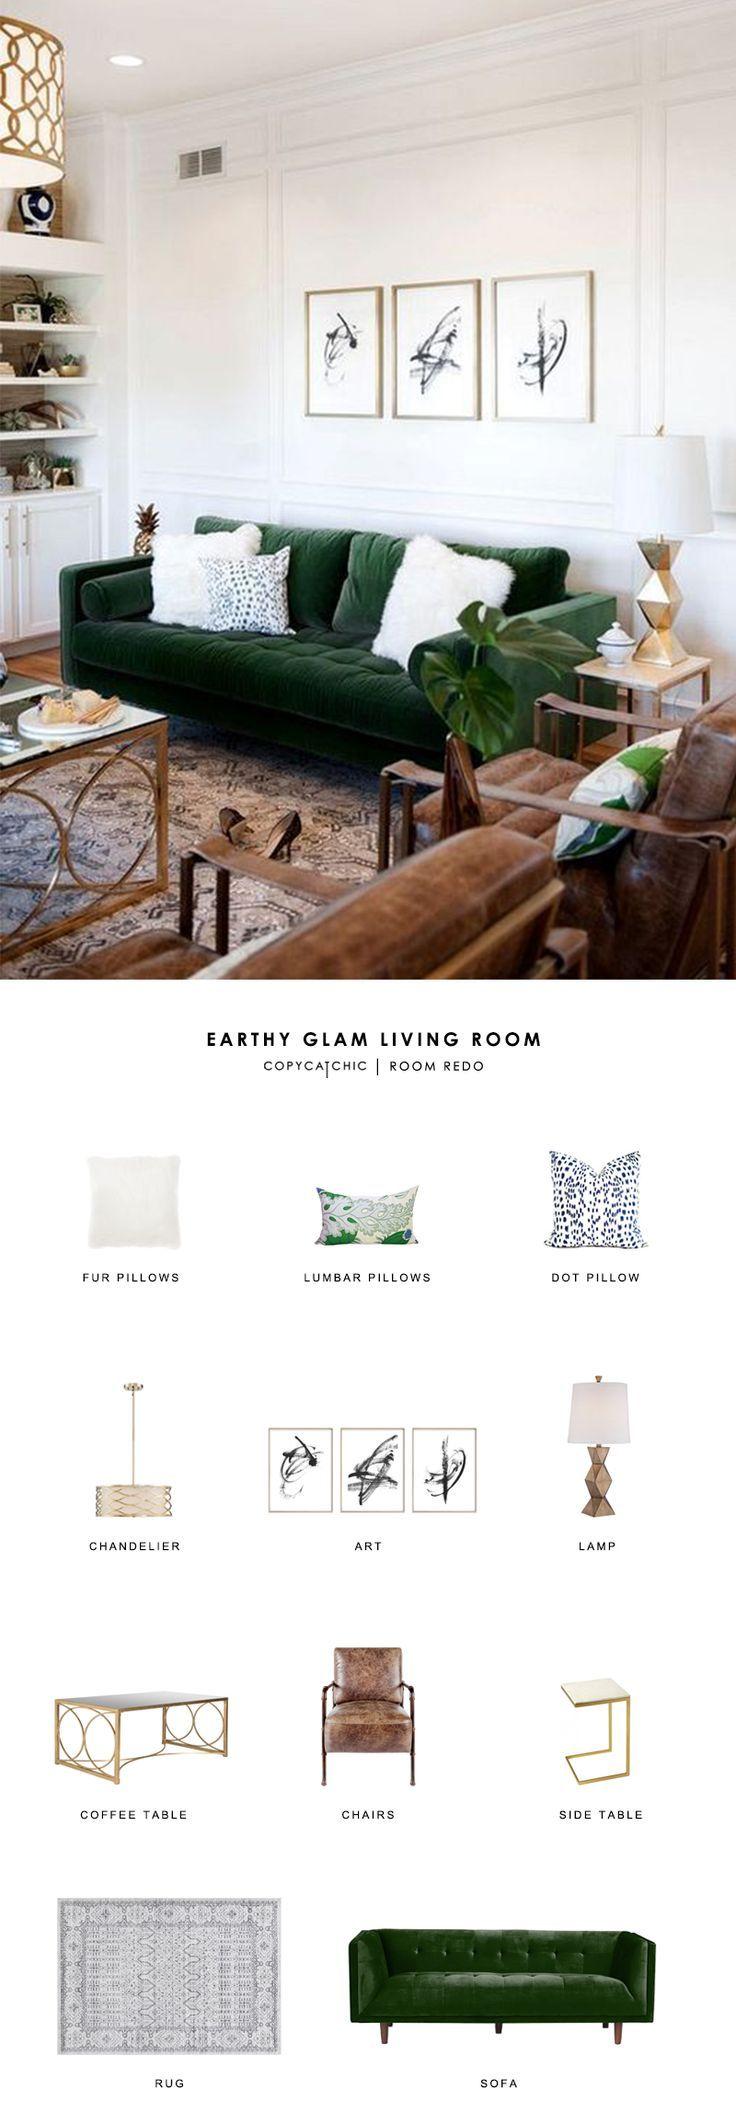 Dieses erdige, glamouröse, grüne Wohnzimmer von …